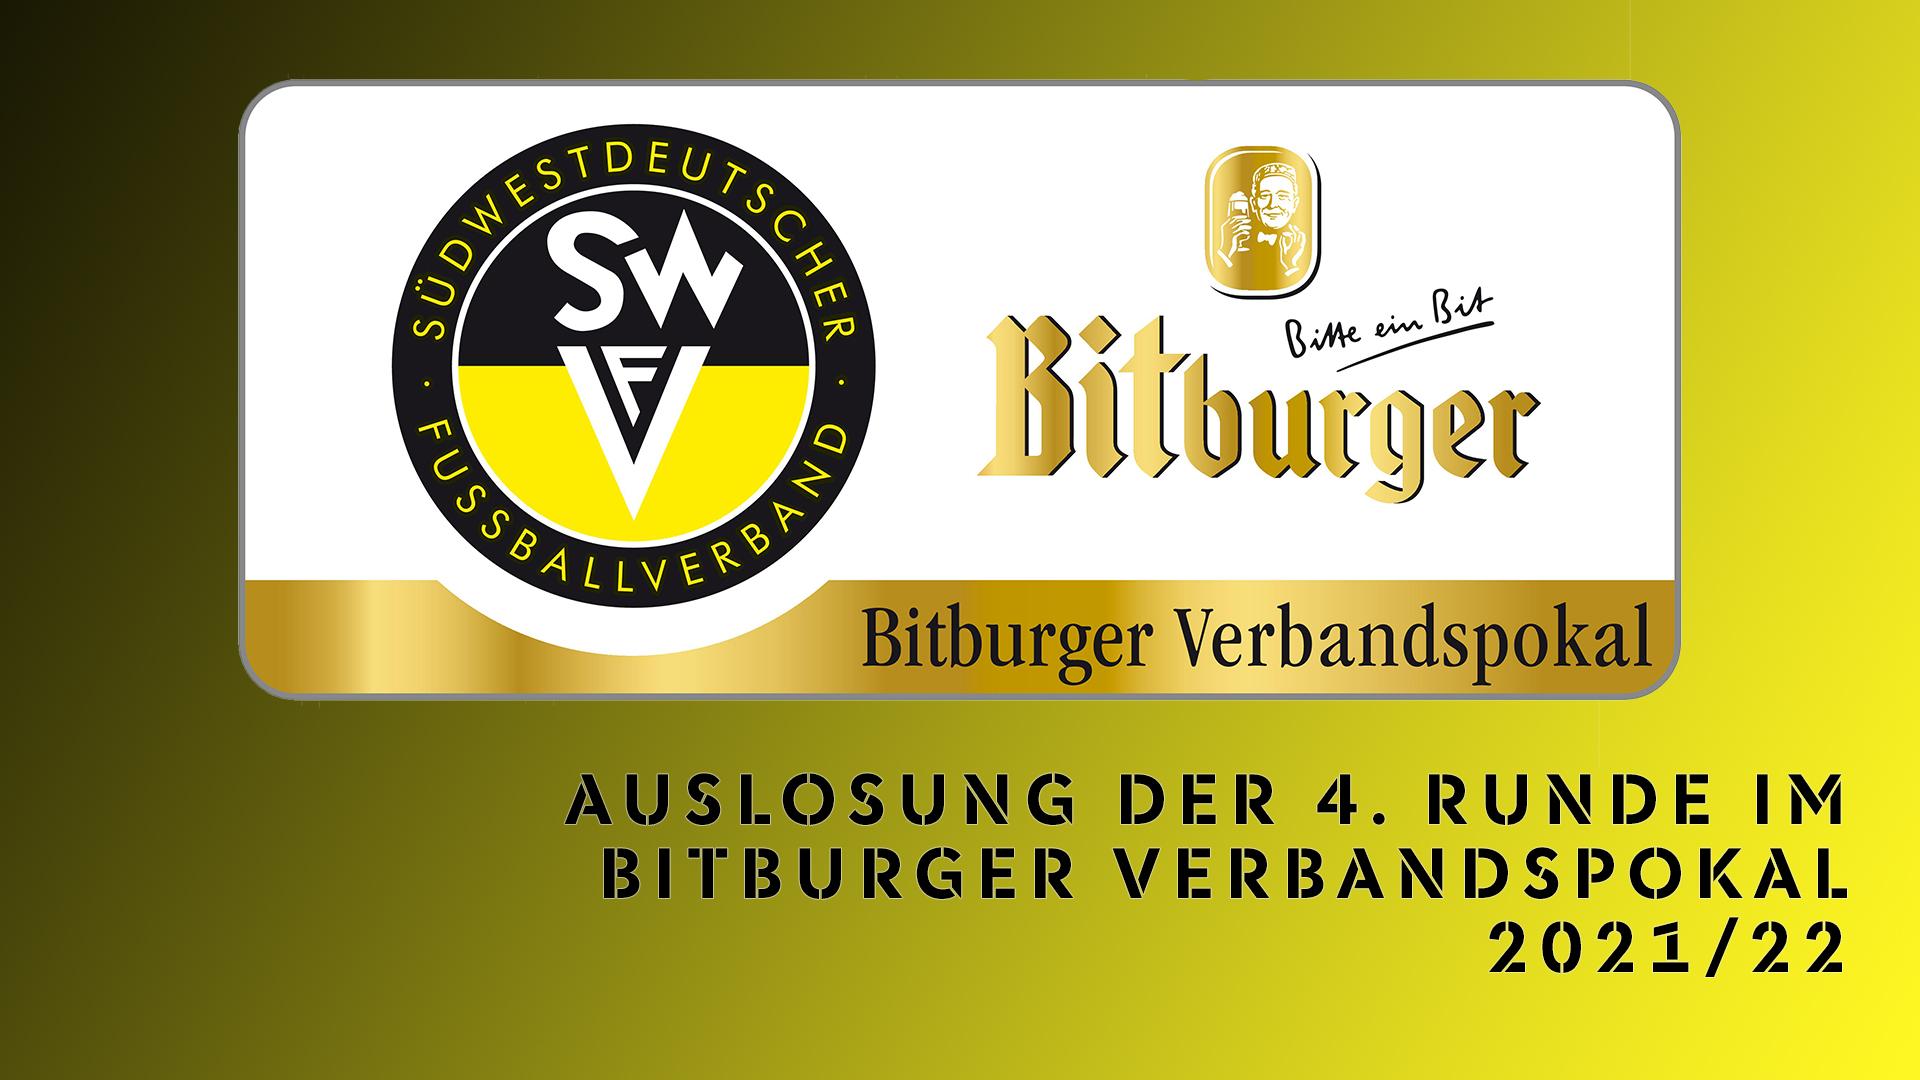 Auslosung der 4. Runde im Bitburger Verbandspokal 2021/22